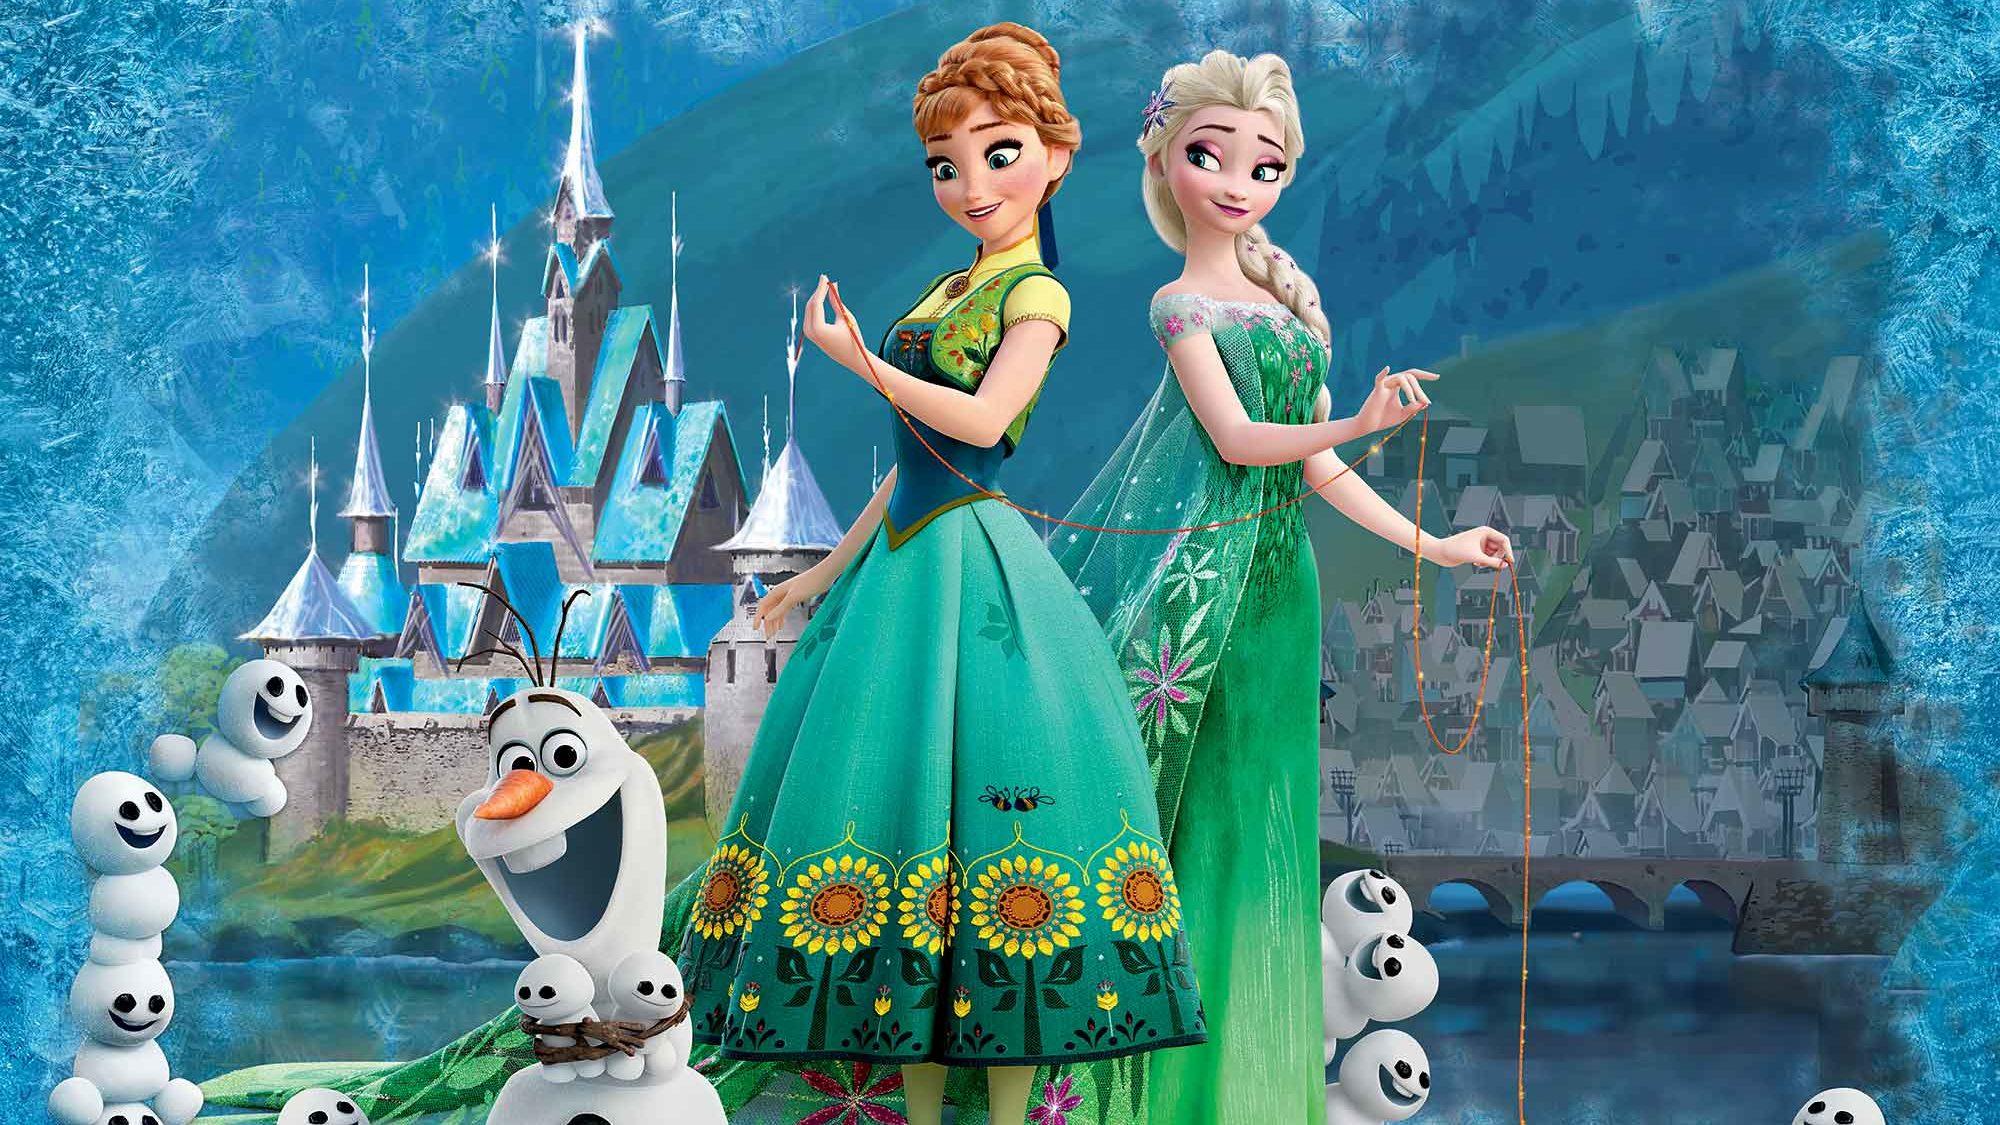 Disney Frost 2959wm Fototapetonline Se